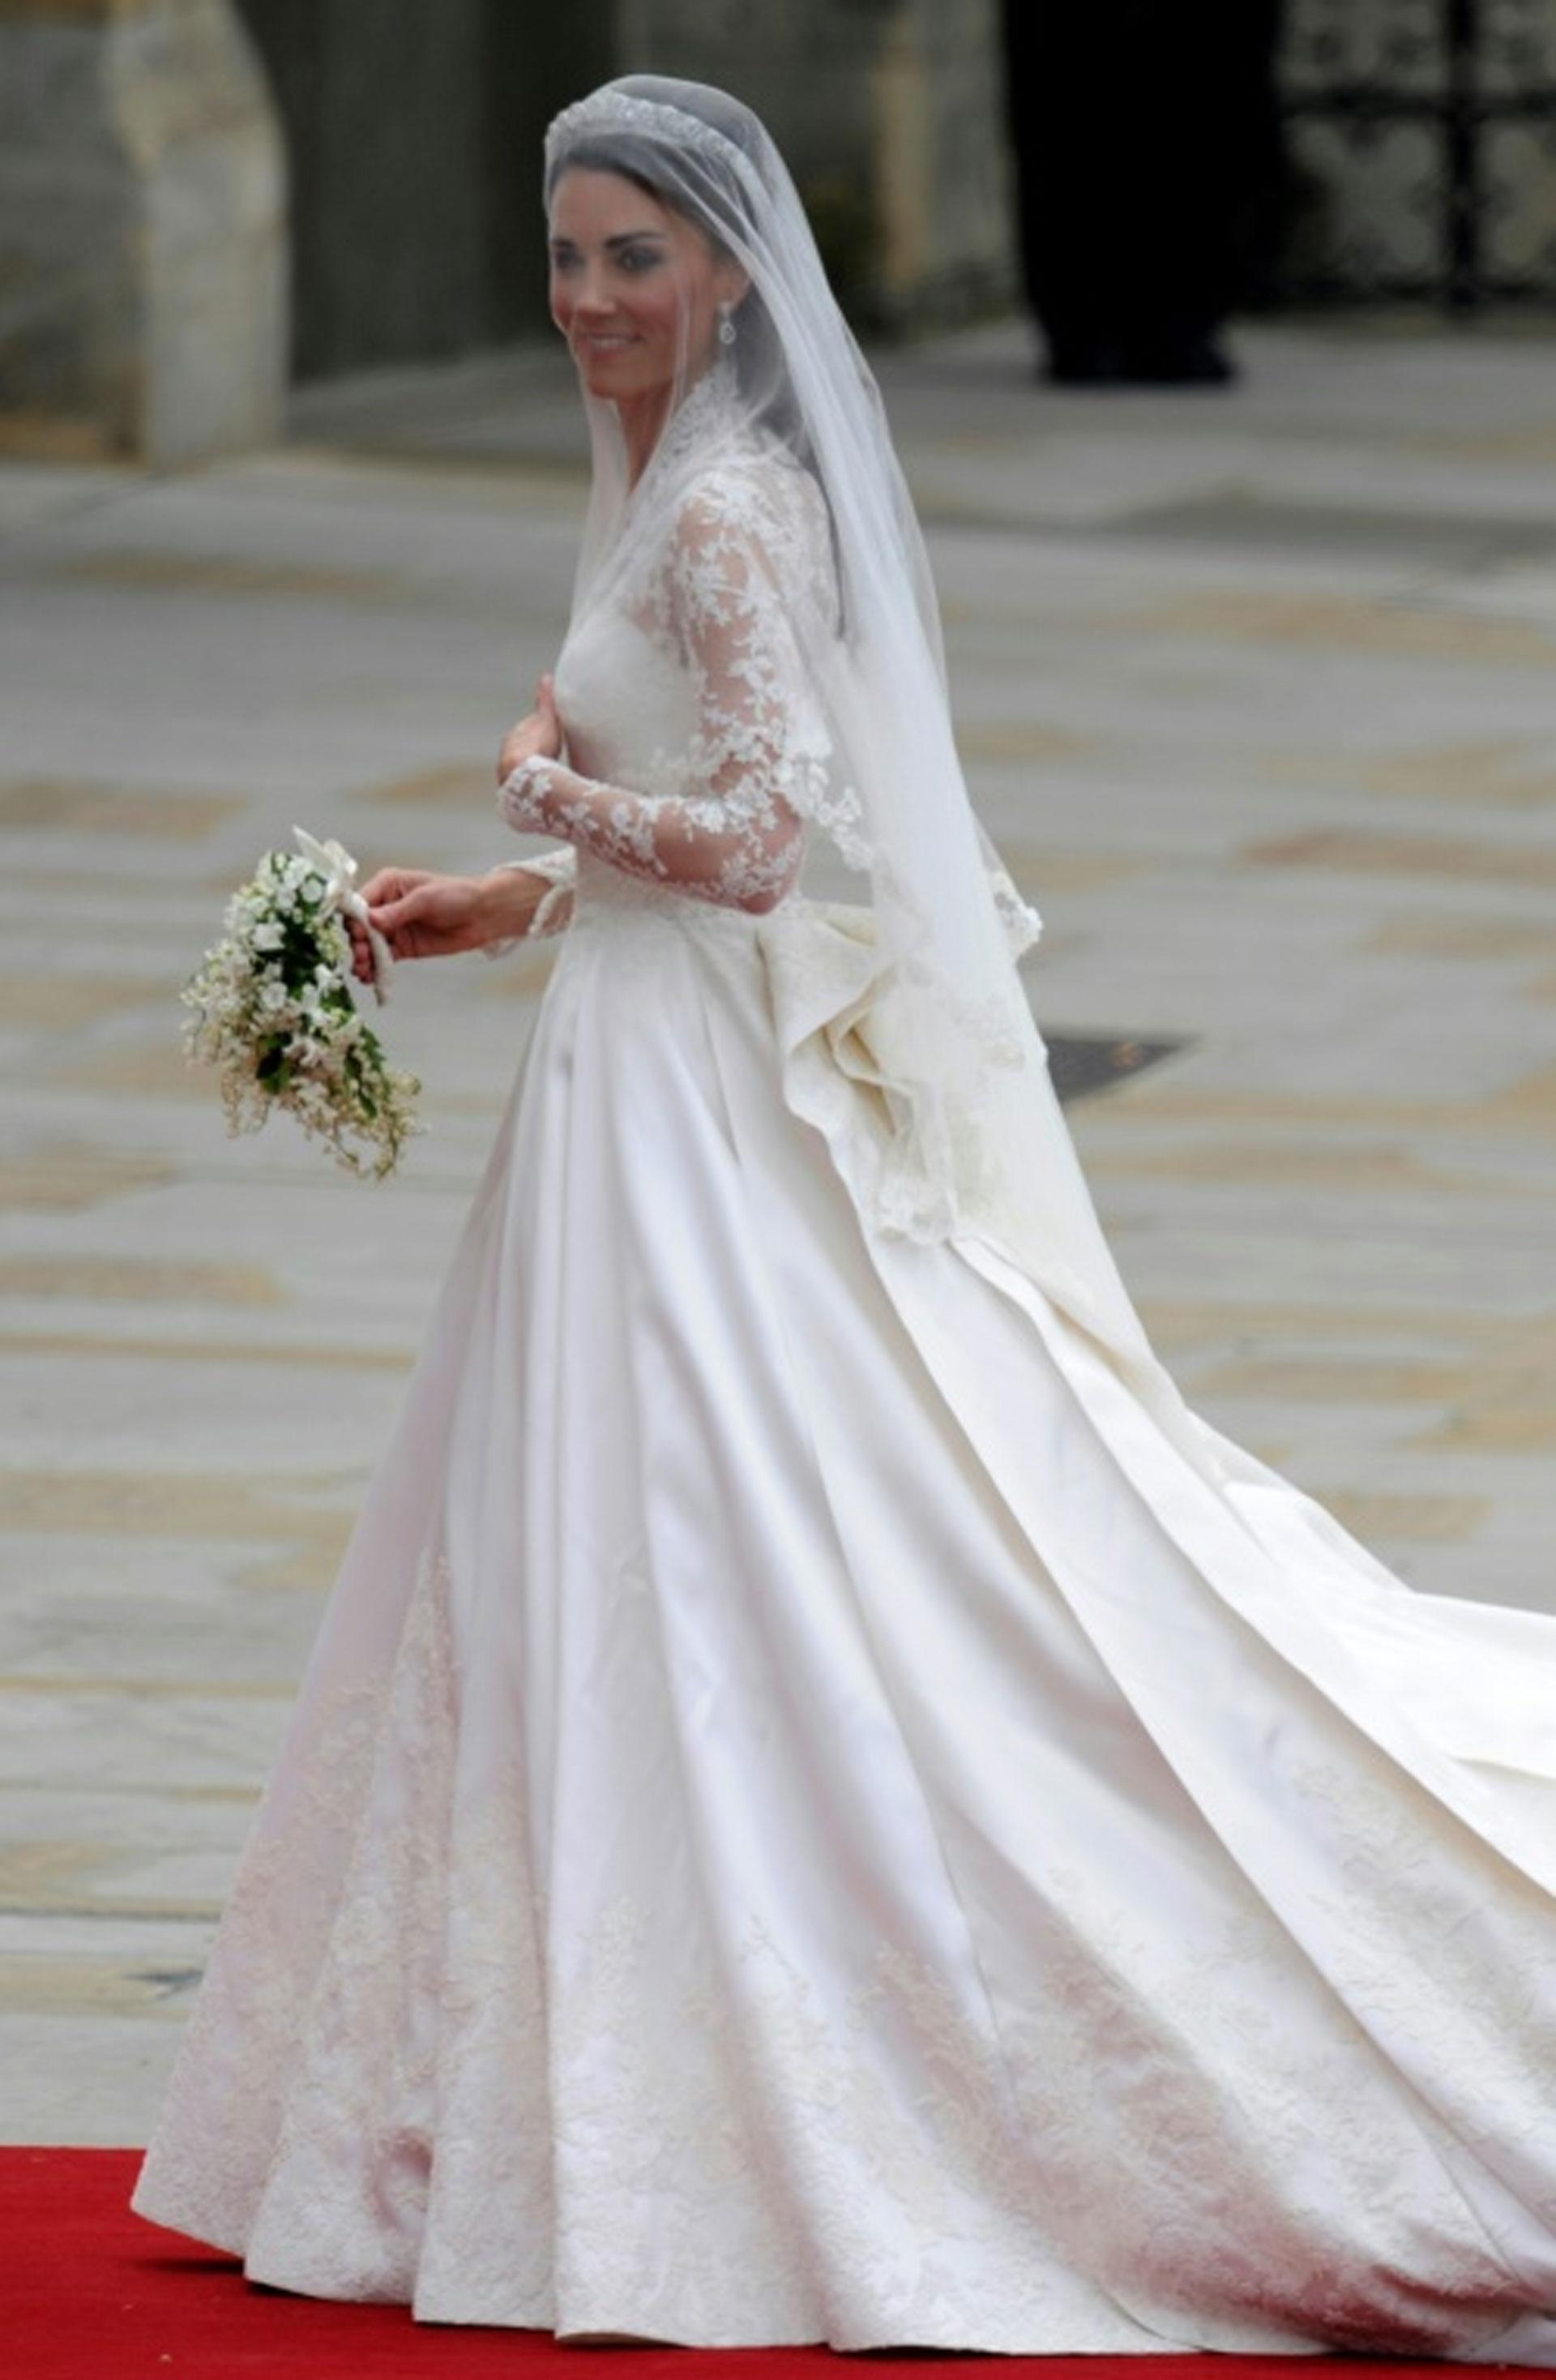 Catalina, duquesa de Cambrige, antes de su boda con el príncipe Guillermo, el 29 de abril de 2011 en Londres (AFP – ODD ANDERSEN)